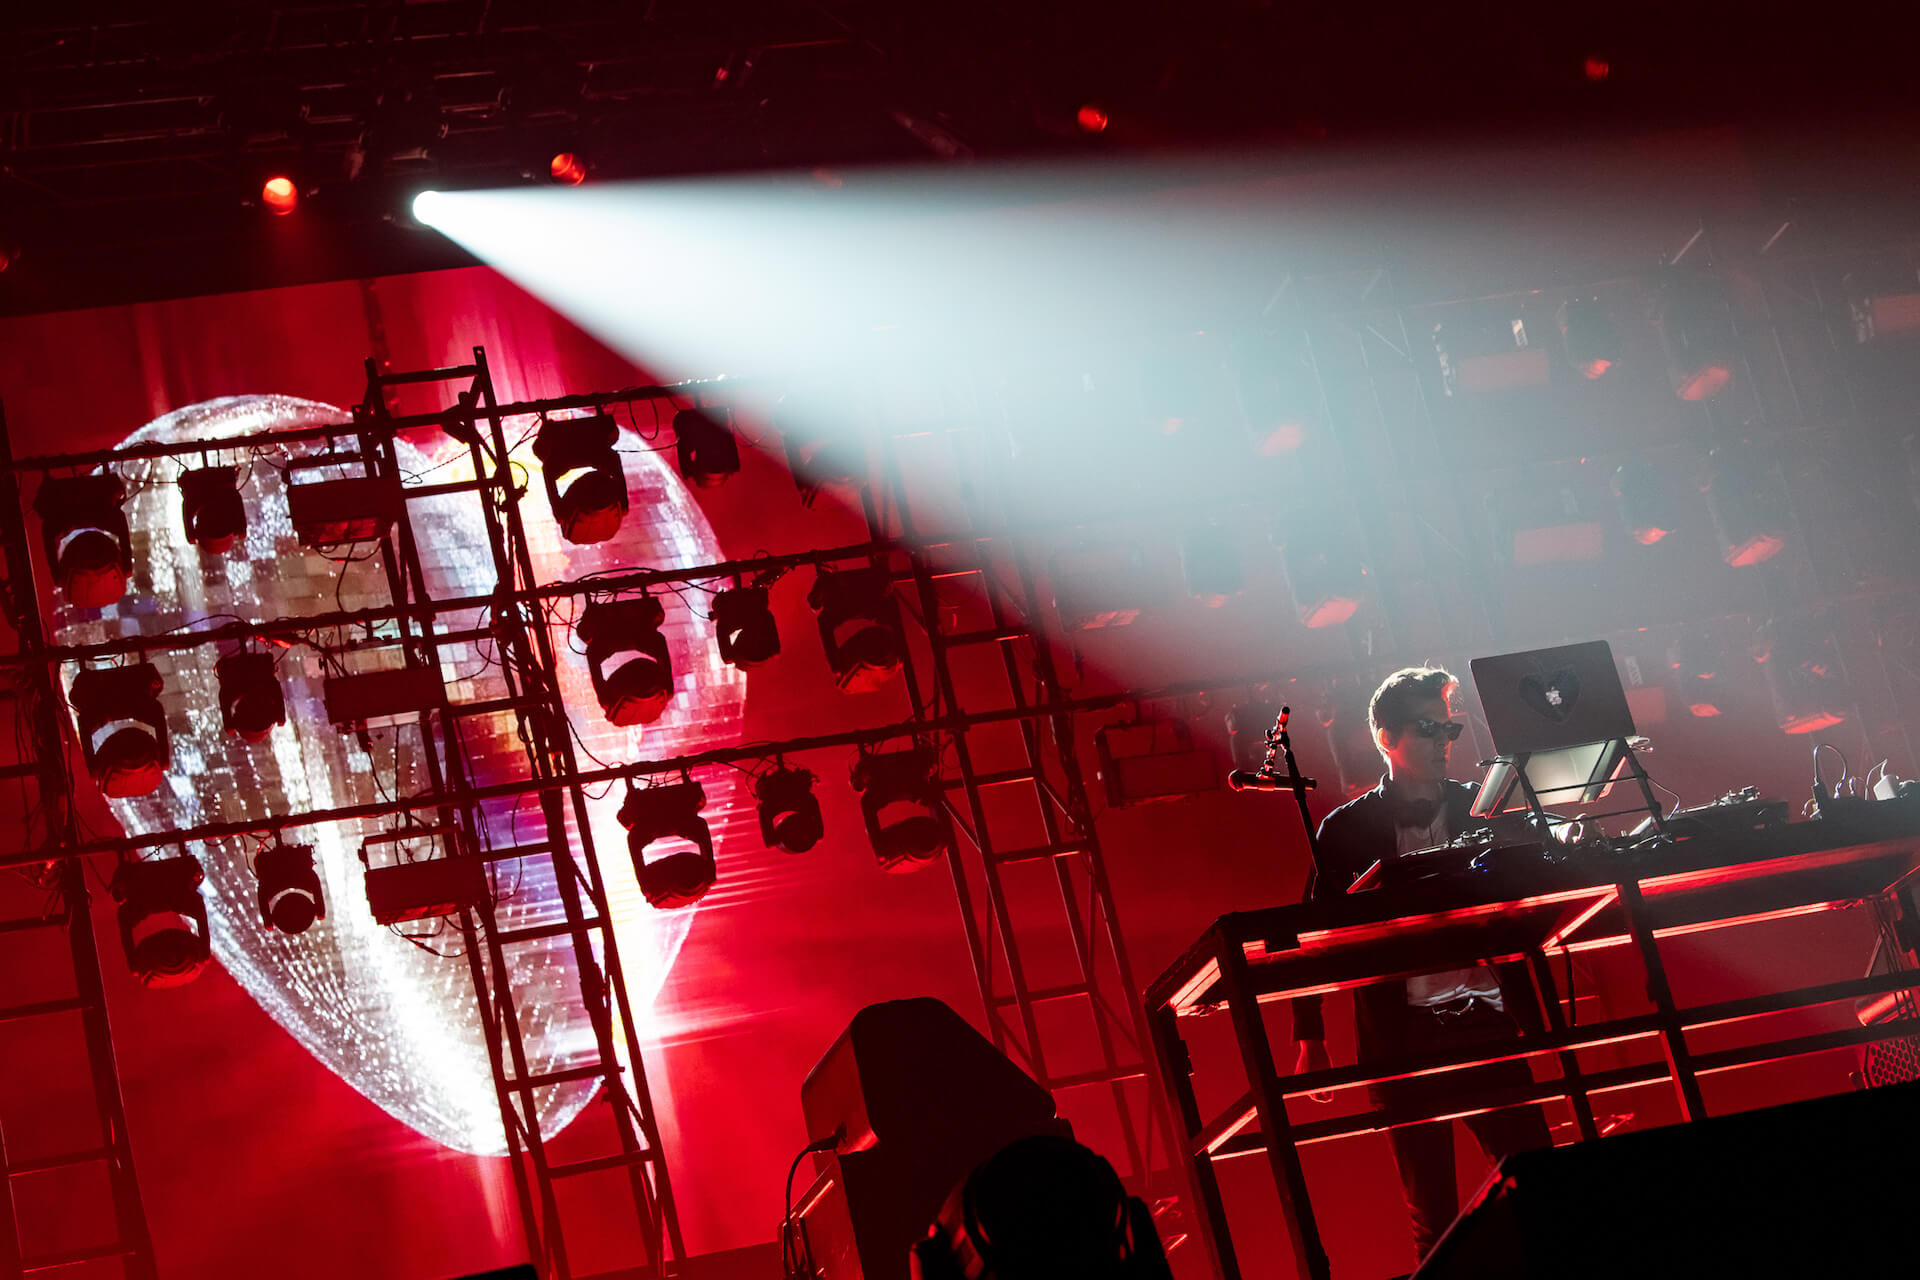 ポップ・ミュージックの先駆者、マーク・ロンソンって?国内のミュージックシーンにも影響を与える魅力へ迫る music181228-markronson-4